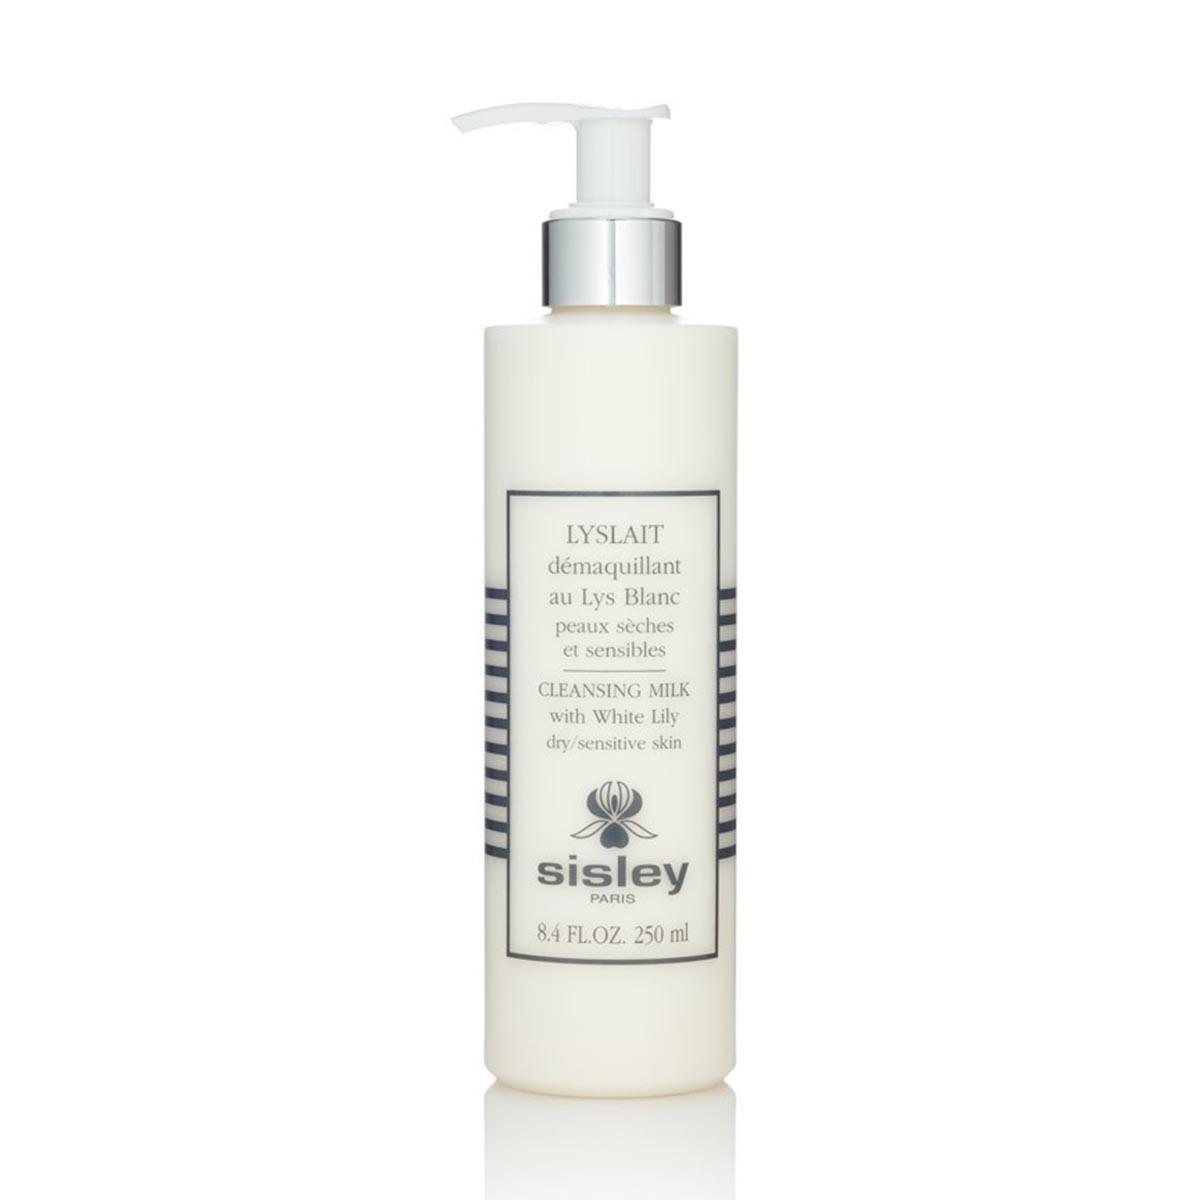 Sisley lyslait demaquillant au lys blanc peaux seches et sensibles 250ml